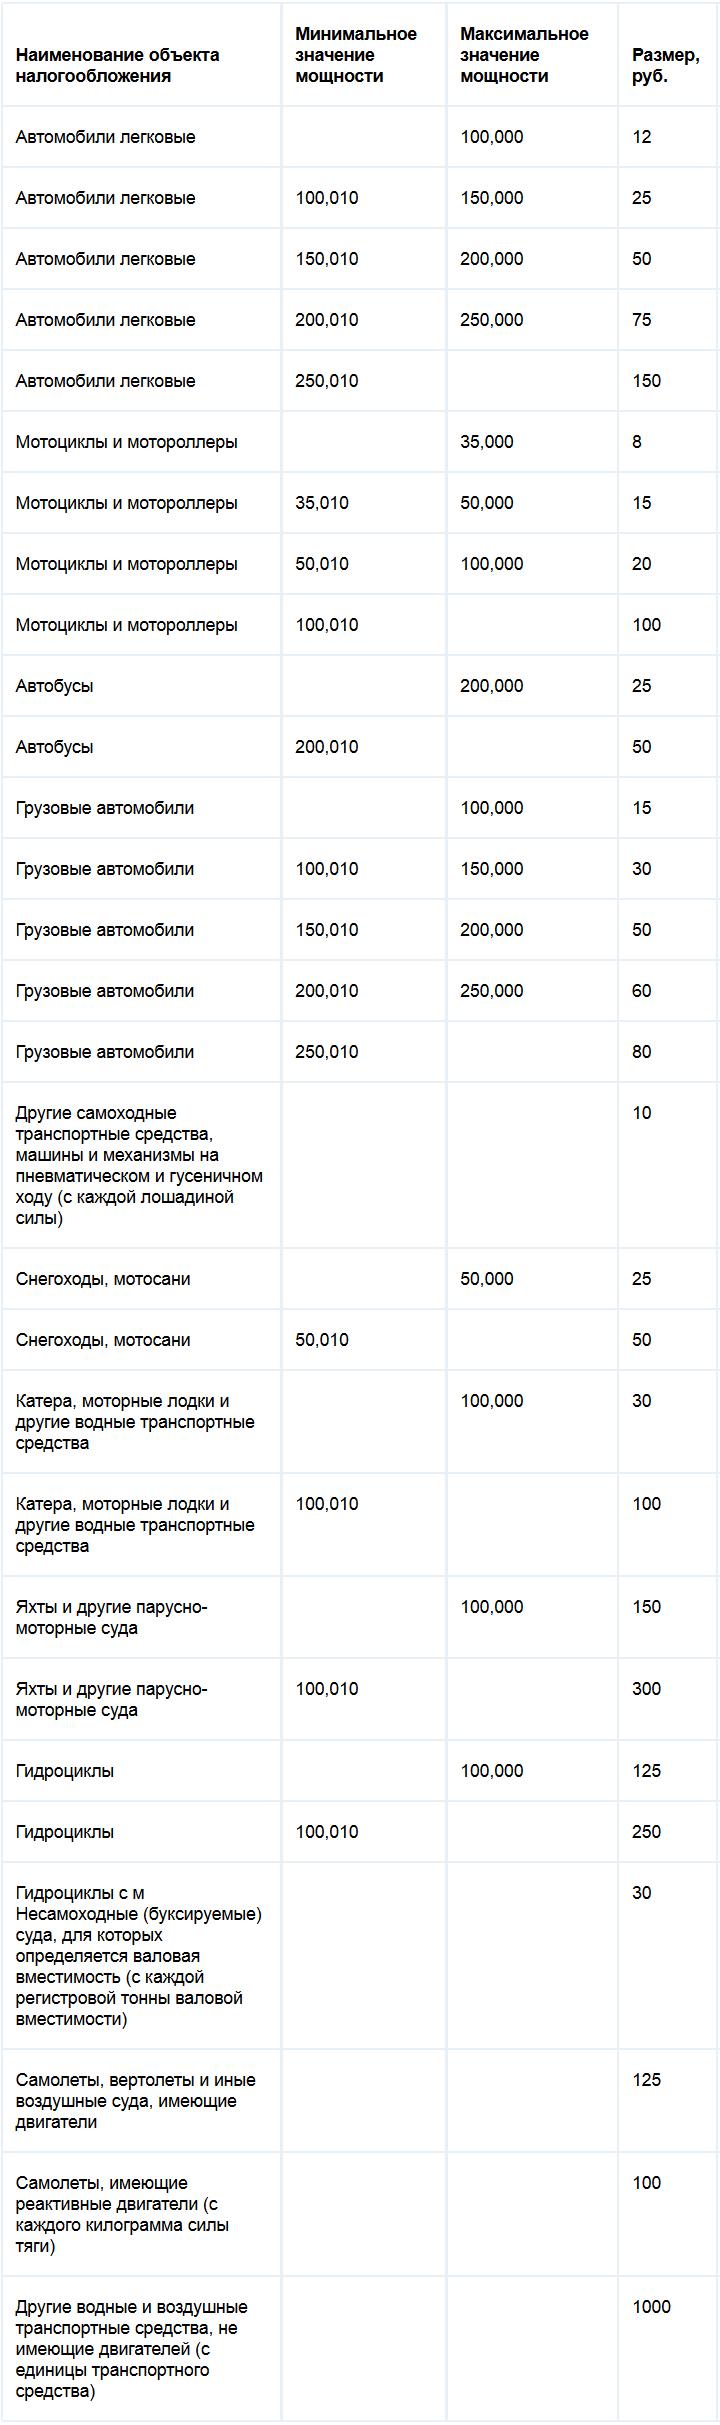 Ставки транспортного налога в самарской области на 2010 год прогнозы повышения ставок по вкладам в банках